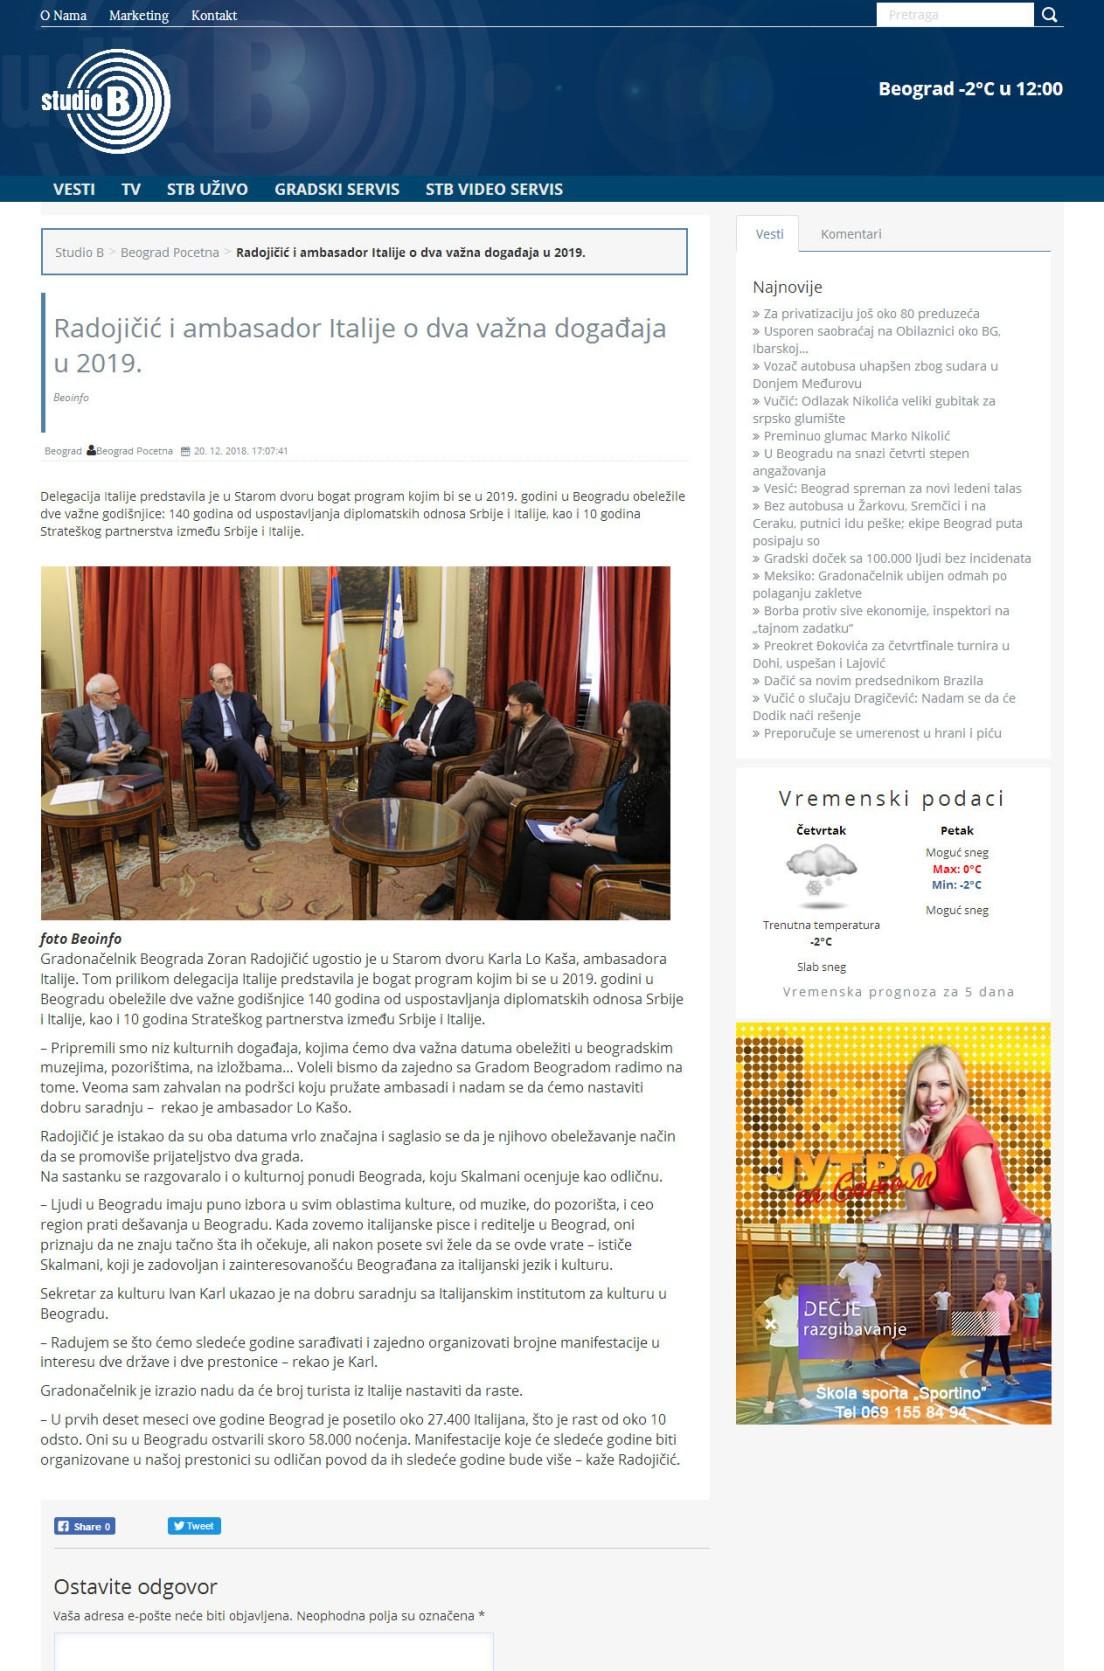 2012 - studiob.rs - Radojicic i ambasador Italije o dva vazna dogadjaja u 2019.